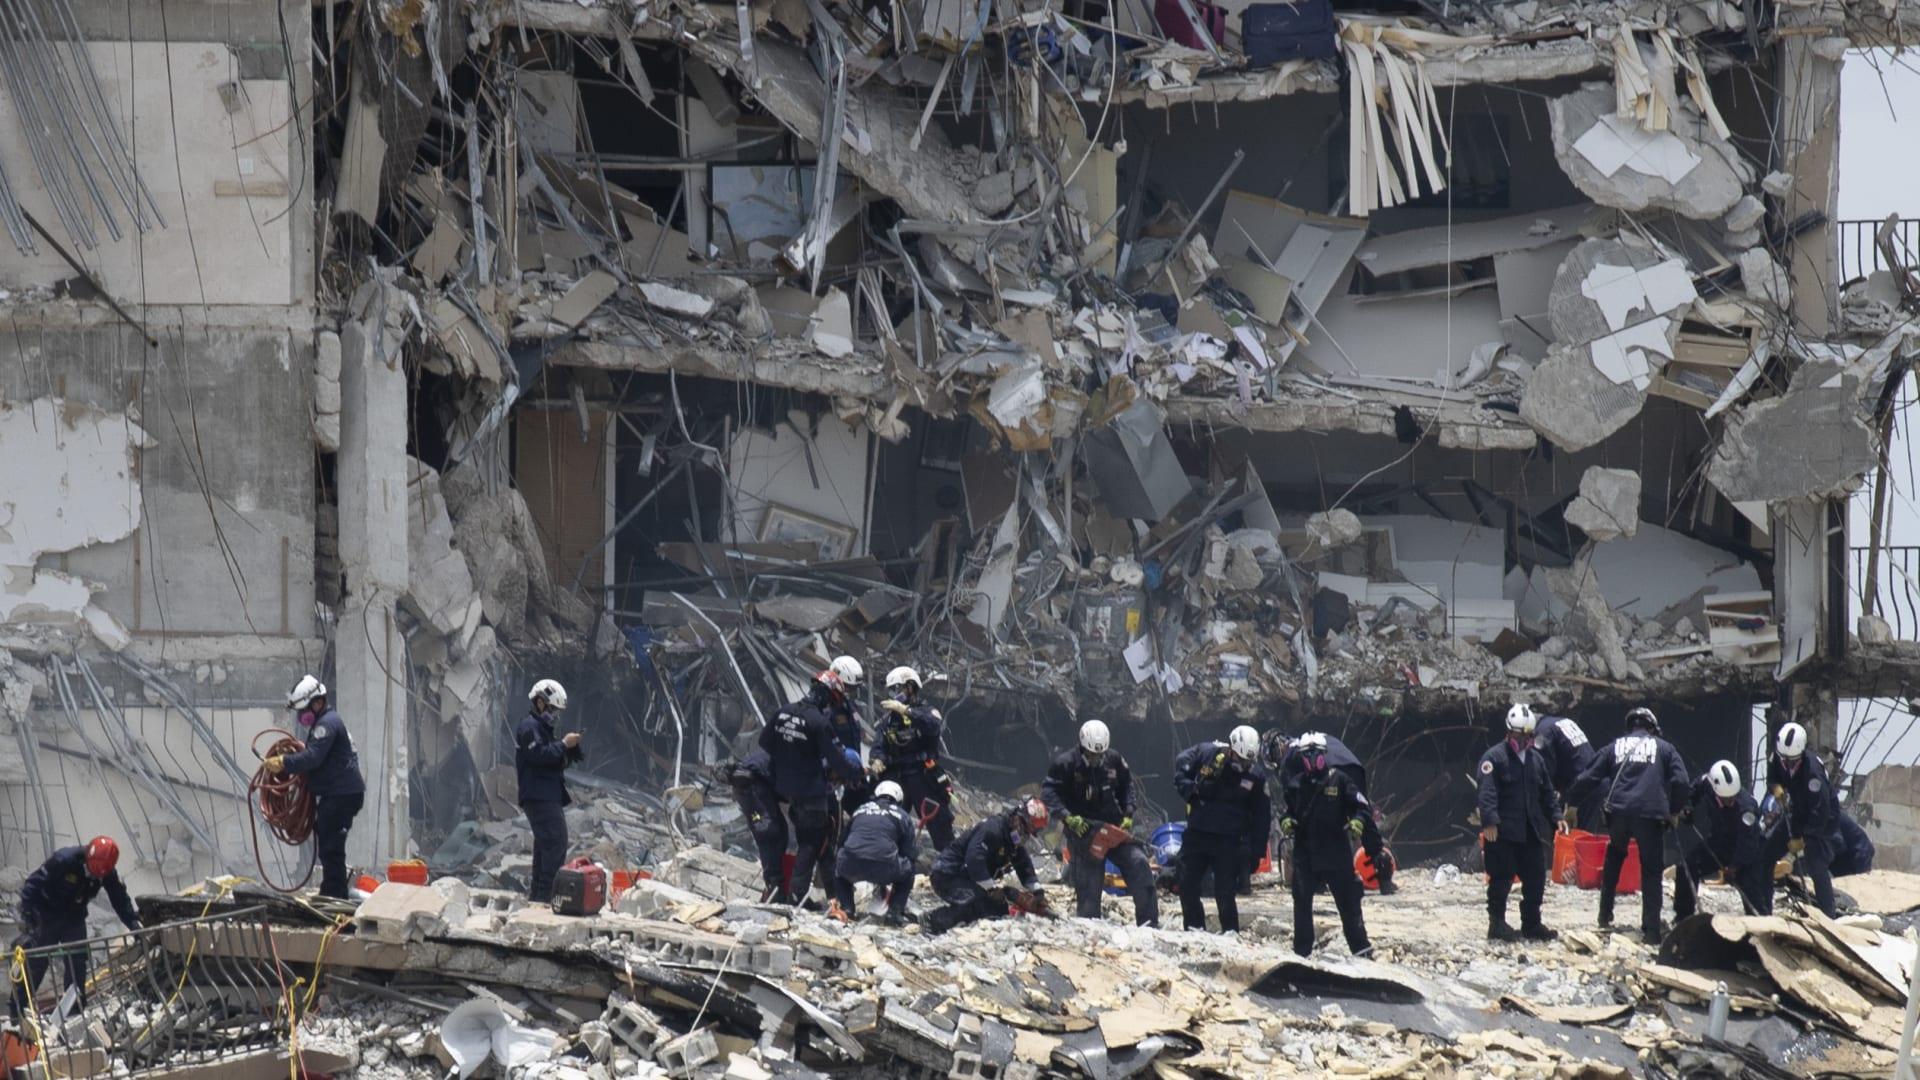 شاهد.. لحظة انهيار مبنى سكني في فلوريدا